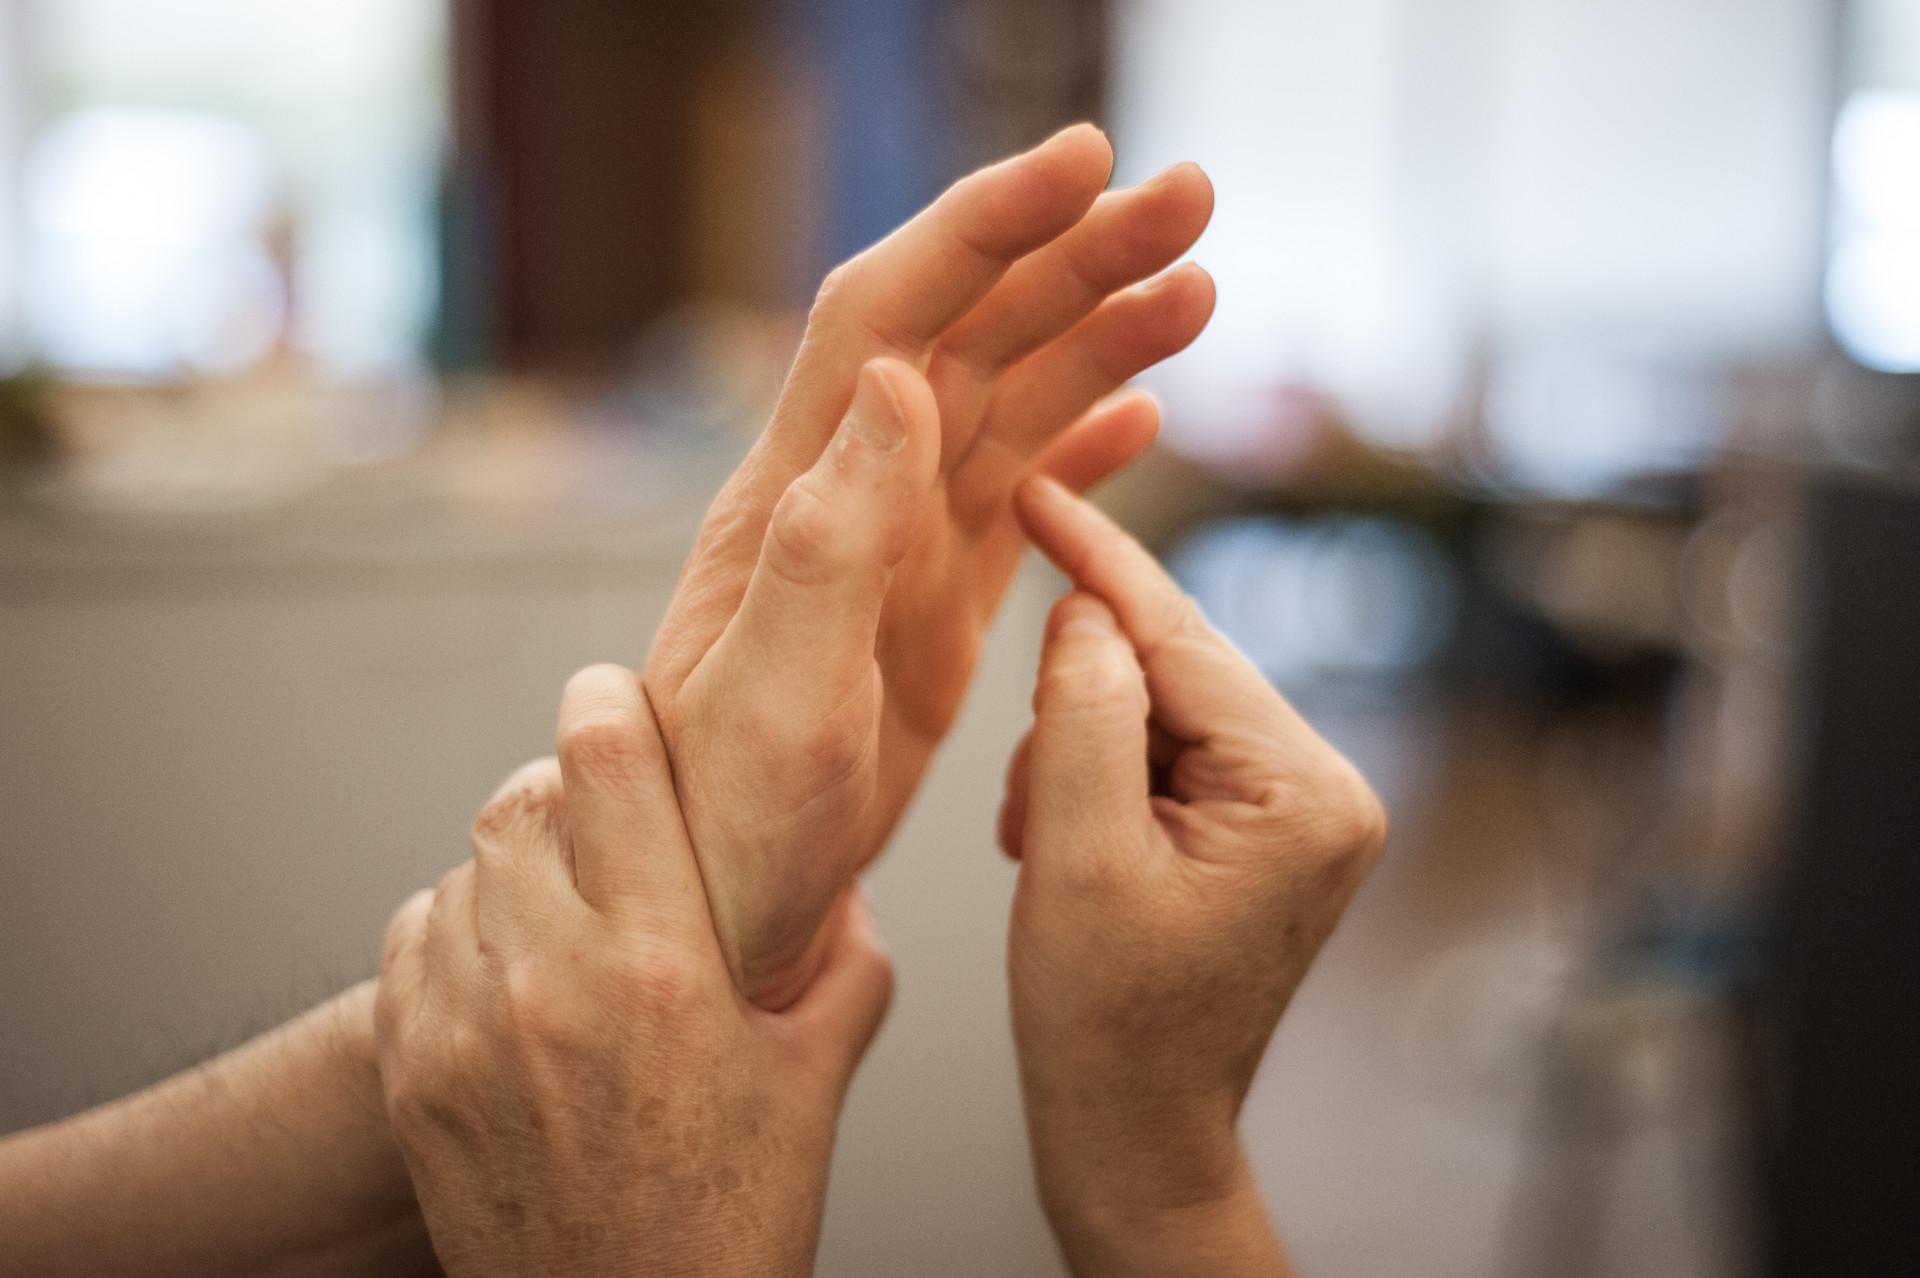 Le mani di due persone che comunicano con il metodo Malossi.